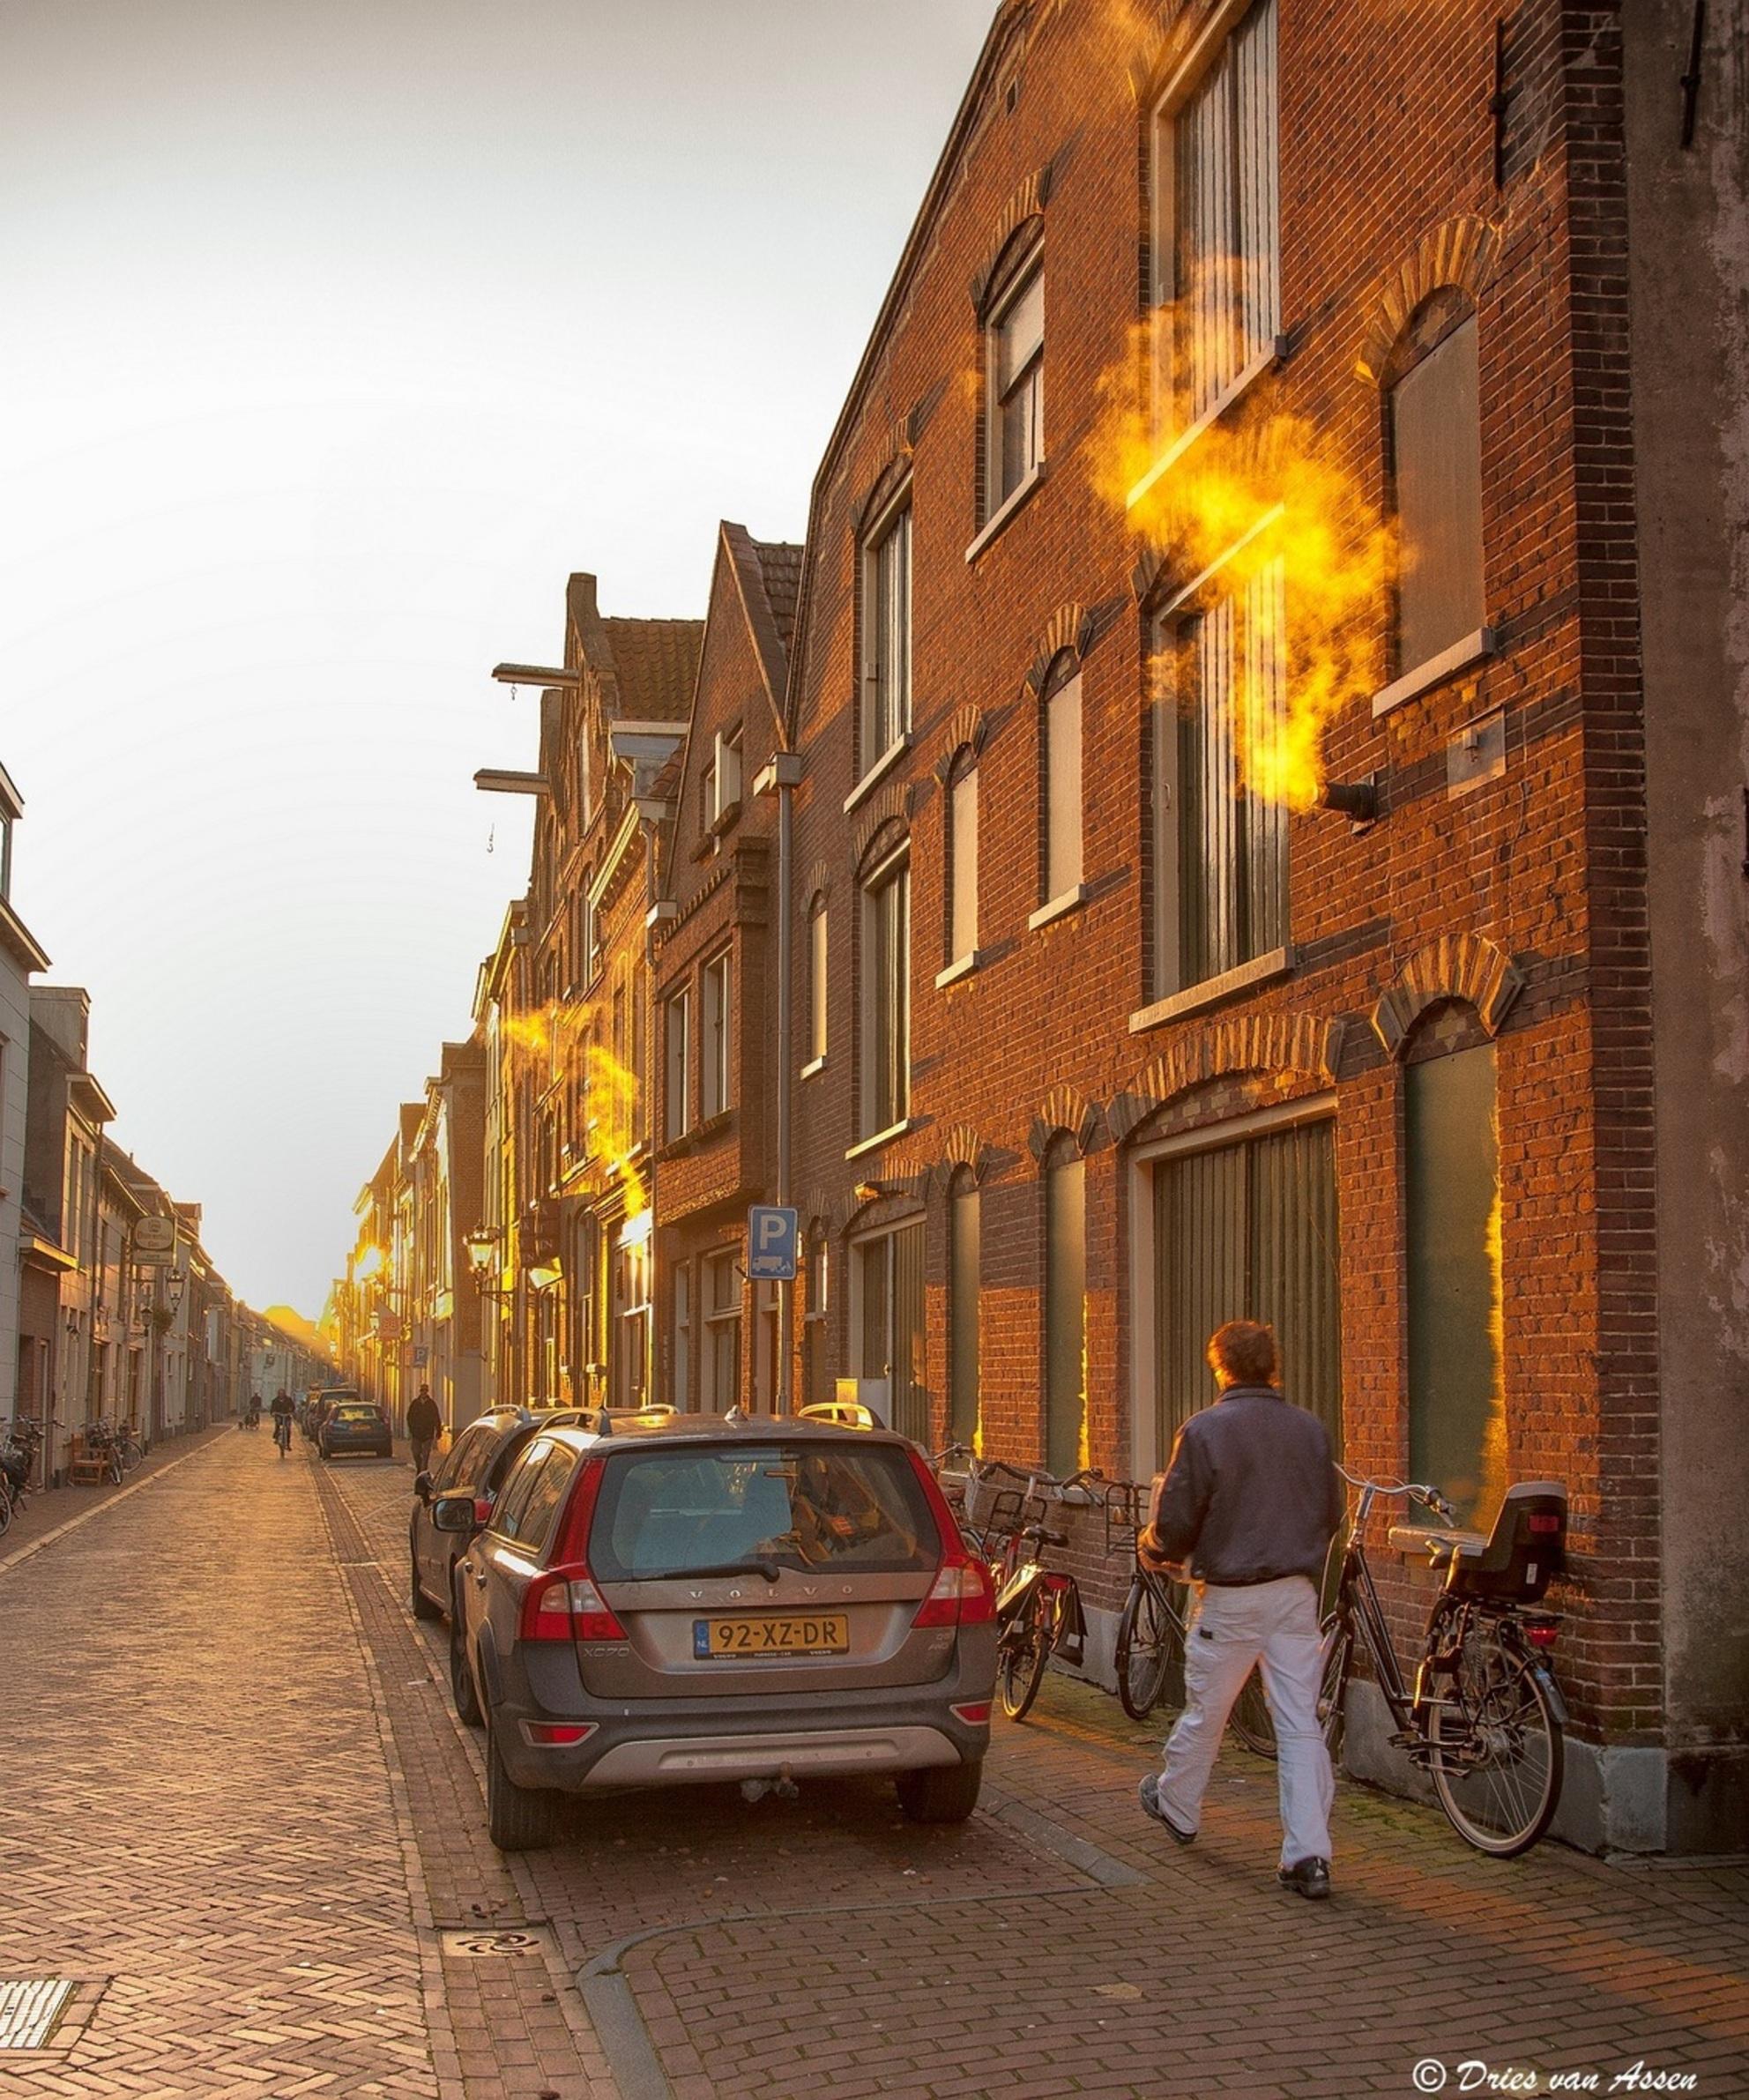 Ochtendgloren - Mooie lichtval in de Voorstraat te Kampen - foto door dva op 11-12-2013 - deze foto bevat: ochtendzon, lichtval, auto, rook, kampen, wandelaar - Deze foto mag gebruikt worden in een Zoom.nl publicatie